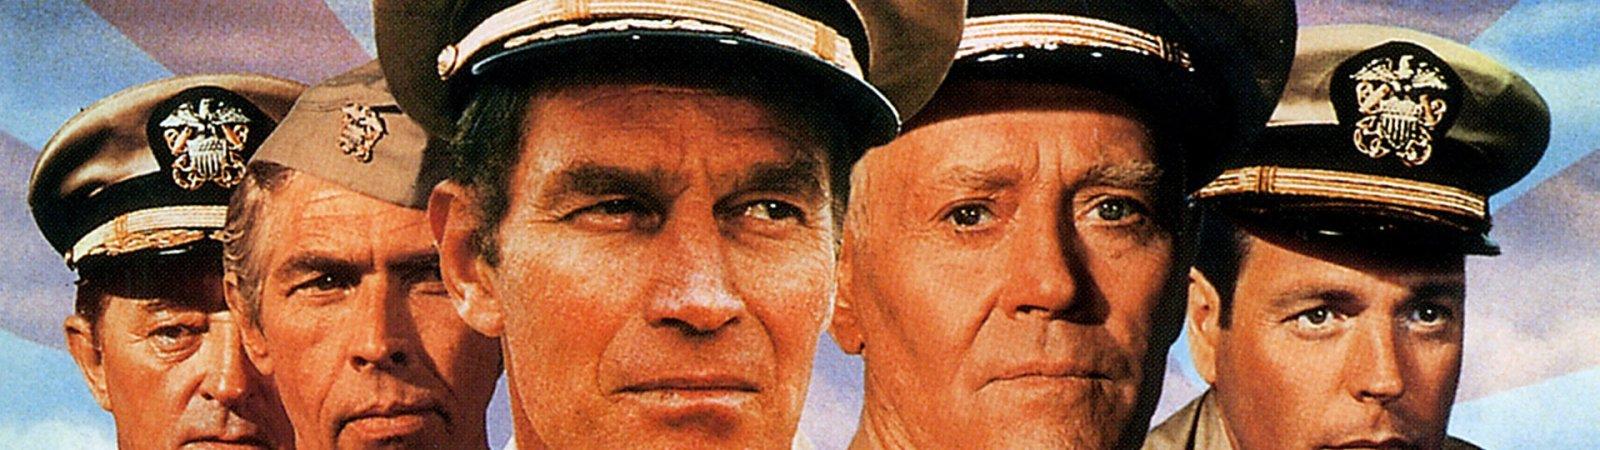 Photo du film : La bataille de midway